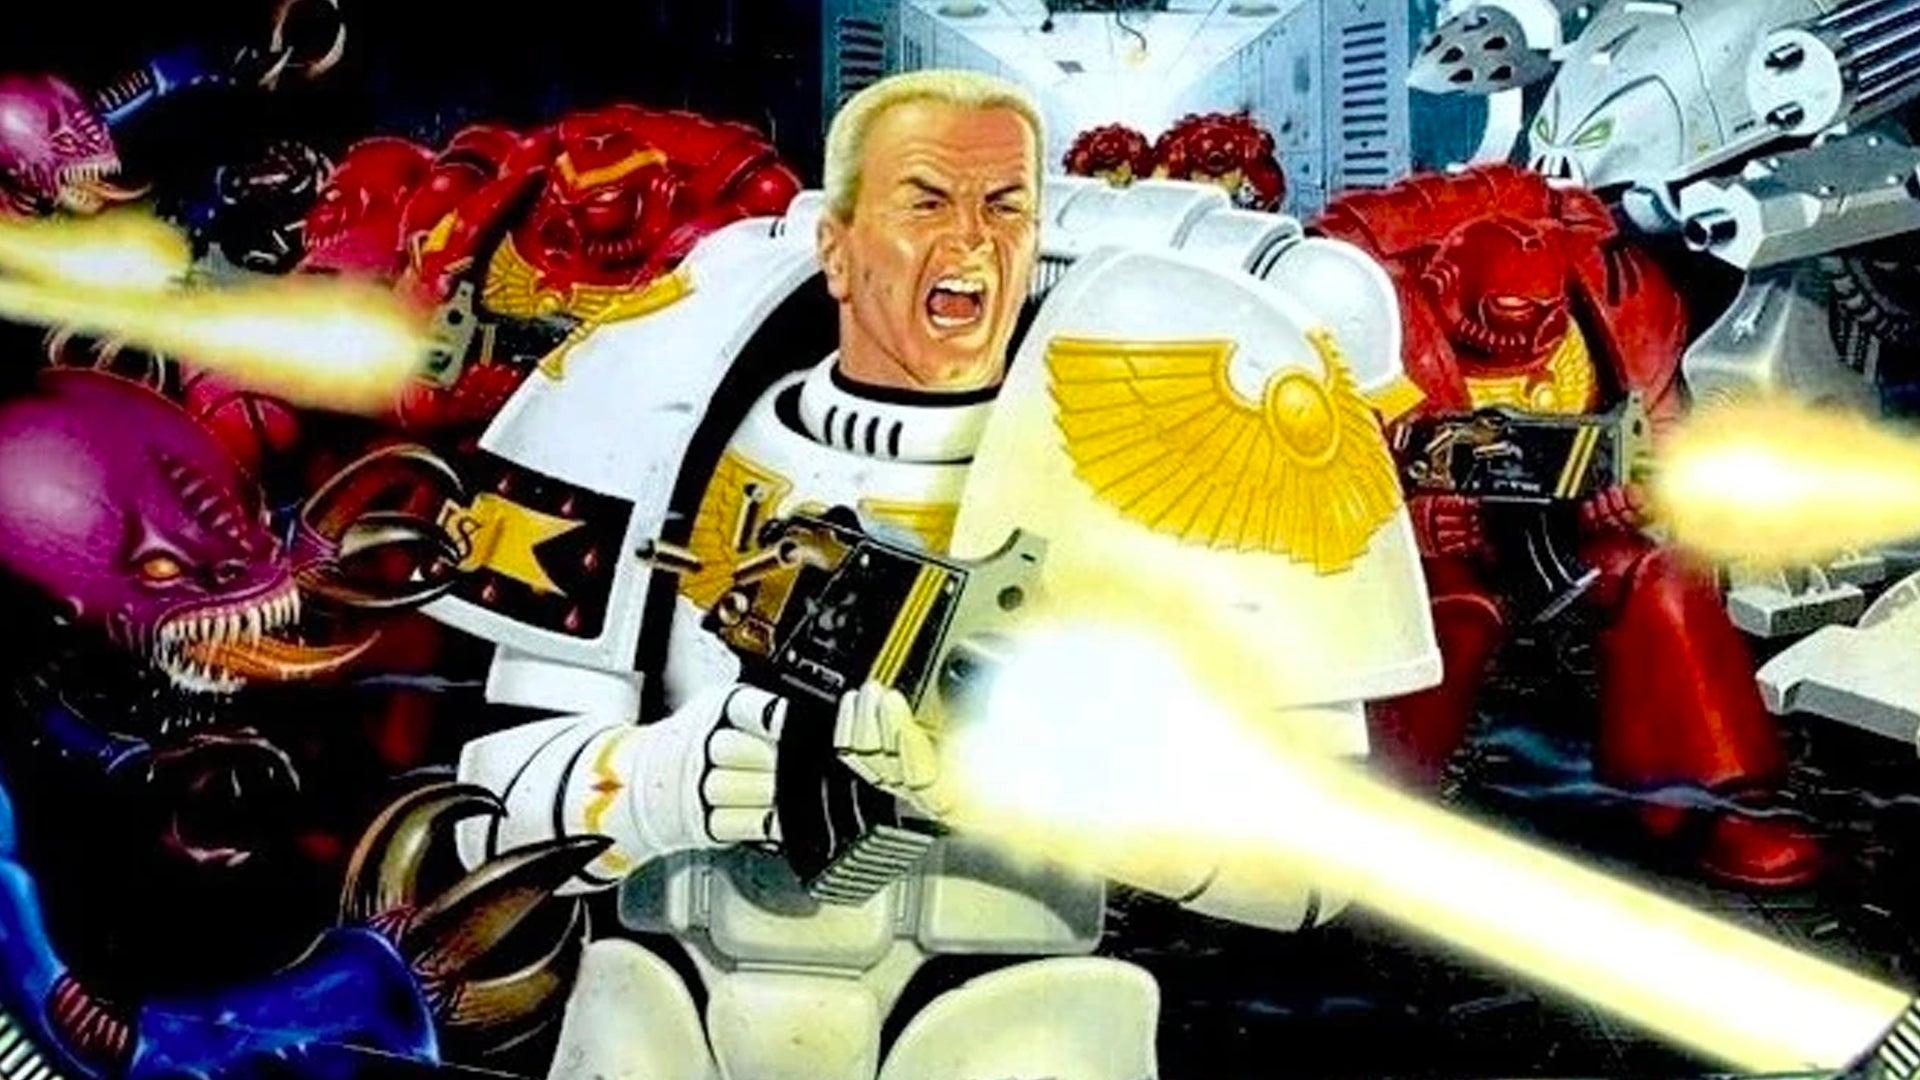 space-crusade-board-game-artwork.jpg